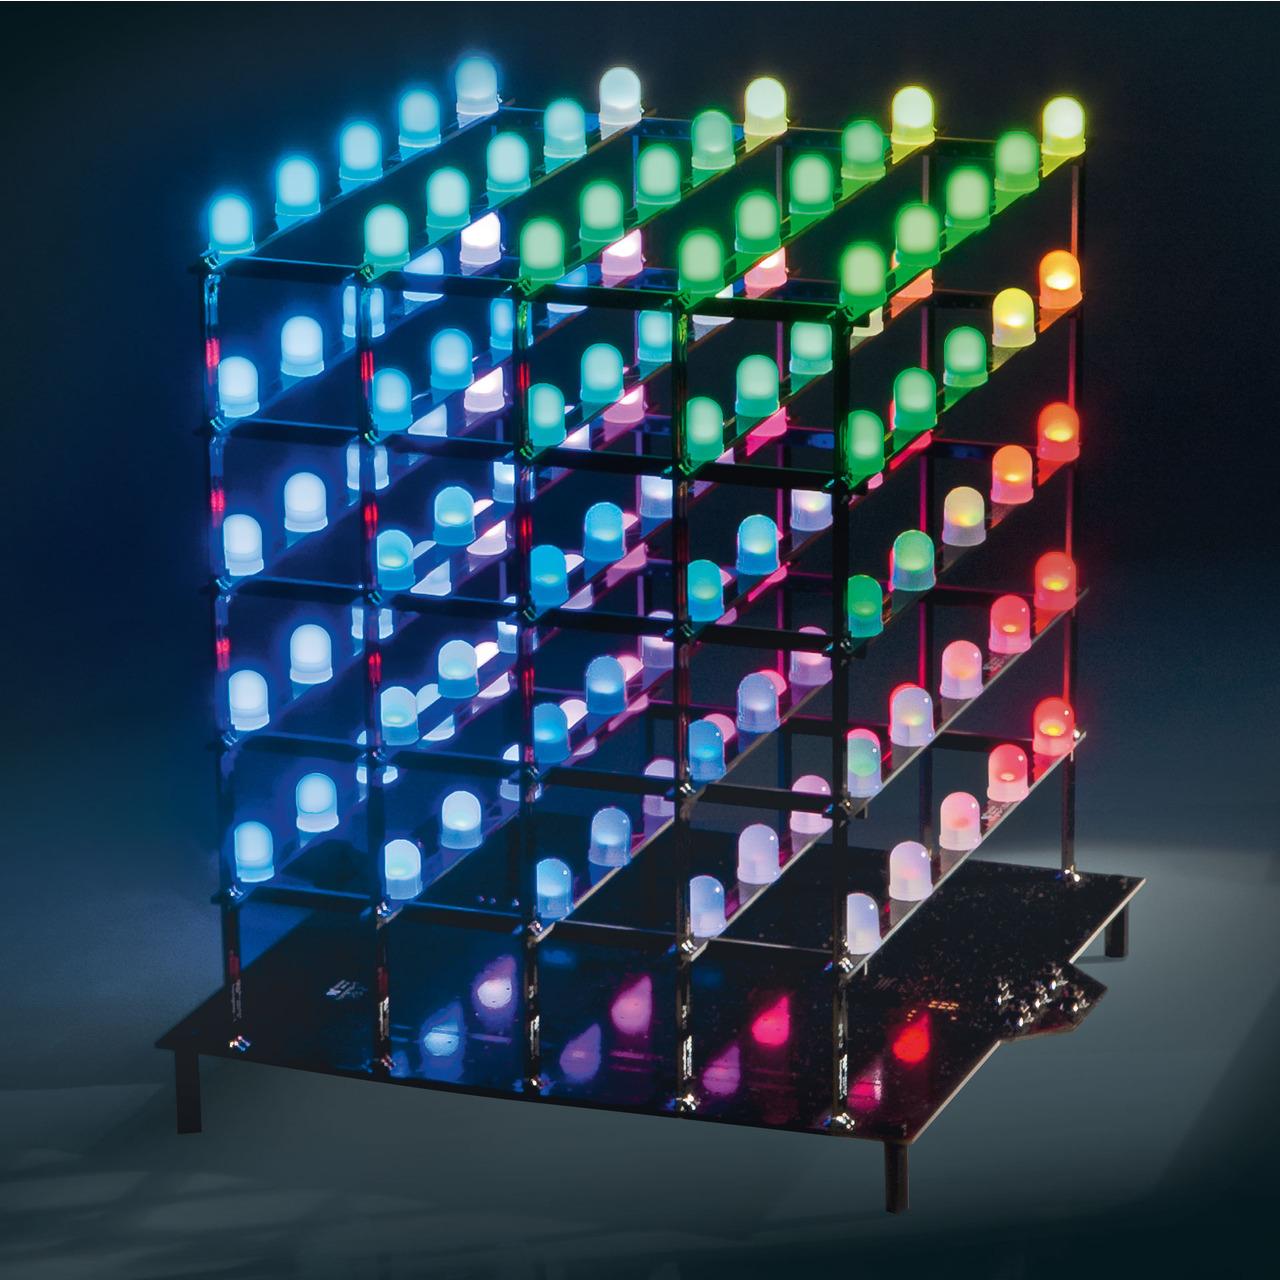 ELV Bausatz 5x5x5-RGB-Cube RGBC555- ohne LEDs und ohne Netzteil